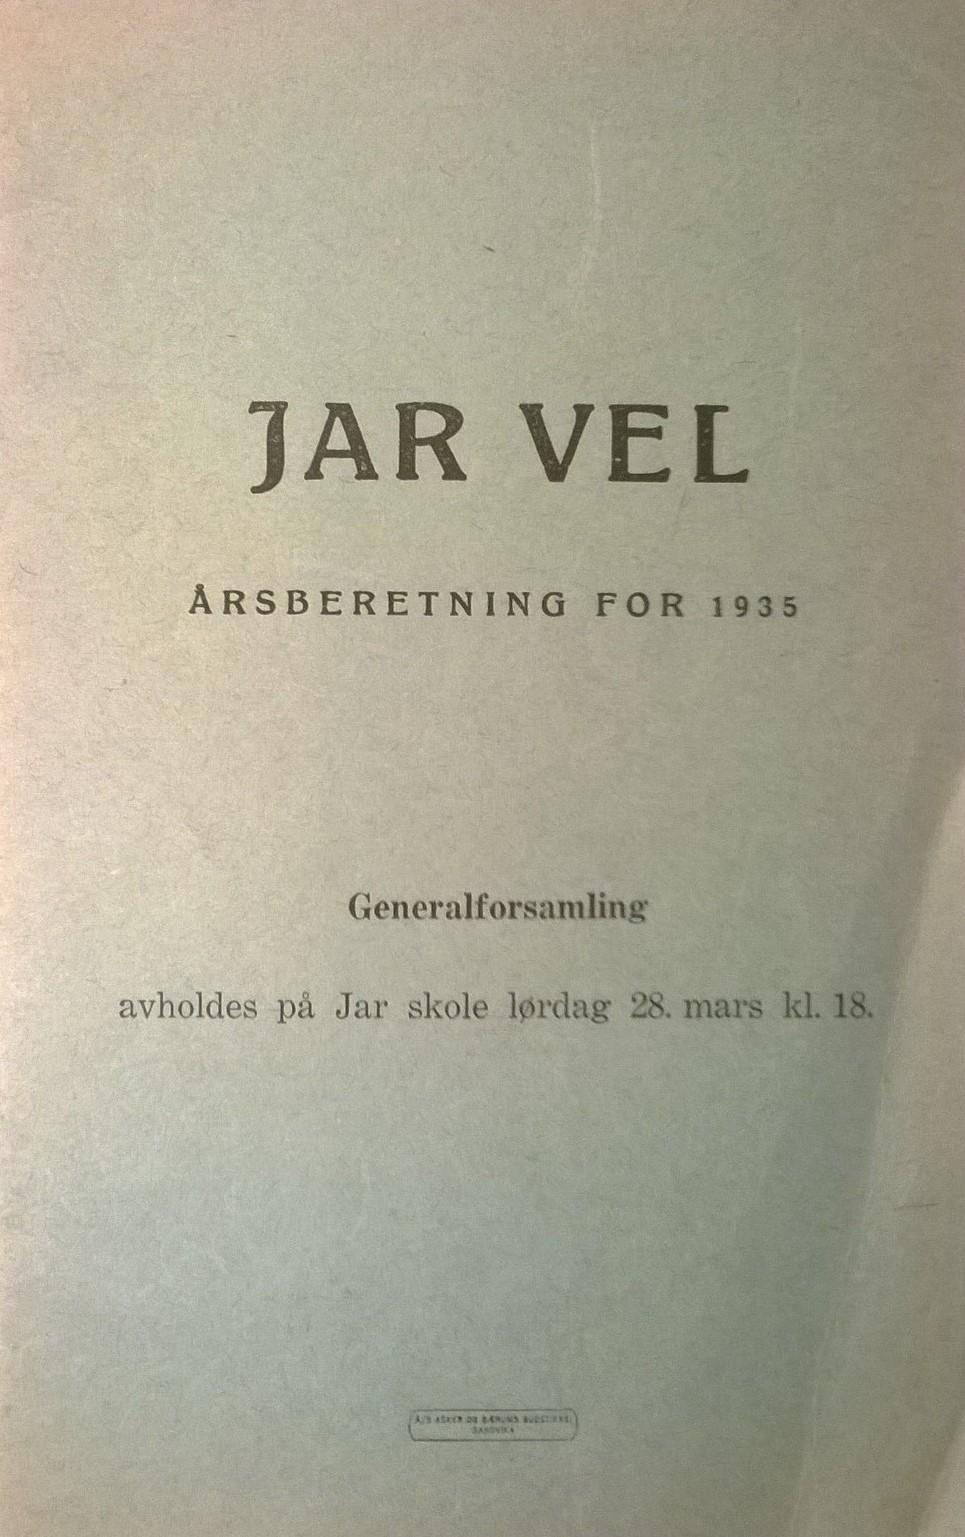 Jar Vel Jar Vel: Årsberetning for 1935: Generalforsamling avholdes på Jar skole lørdag 28. mars kl. 18